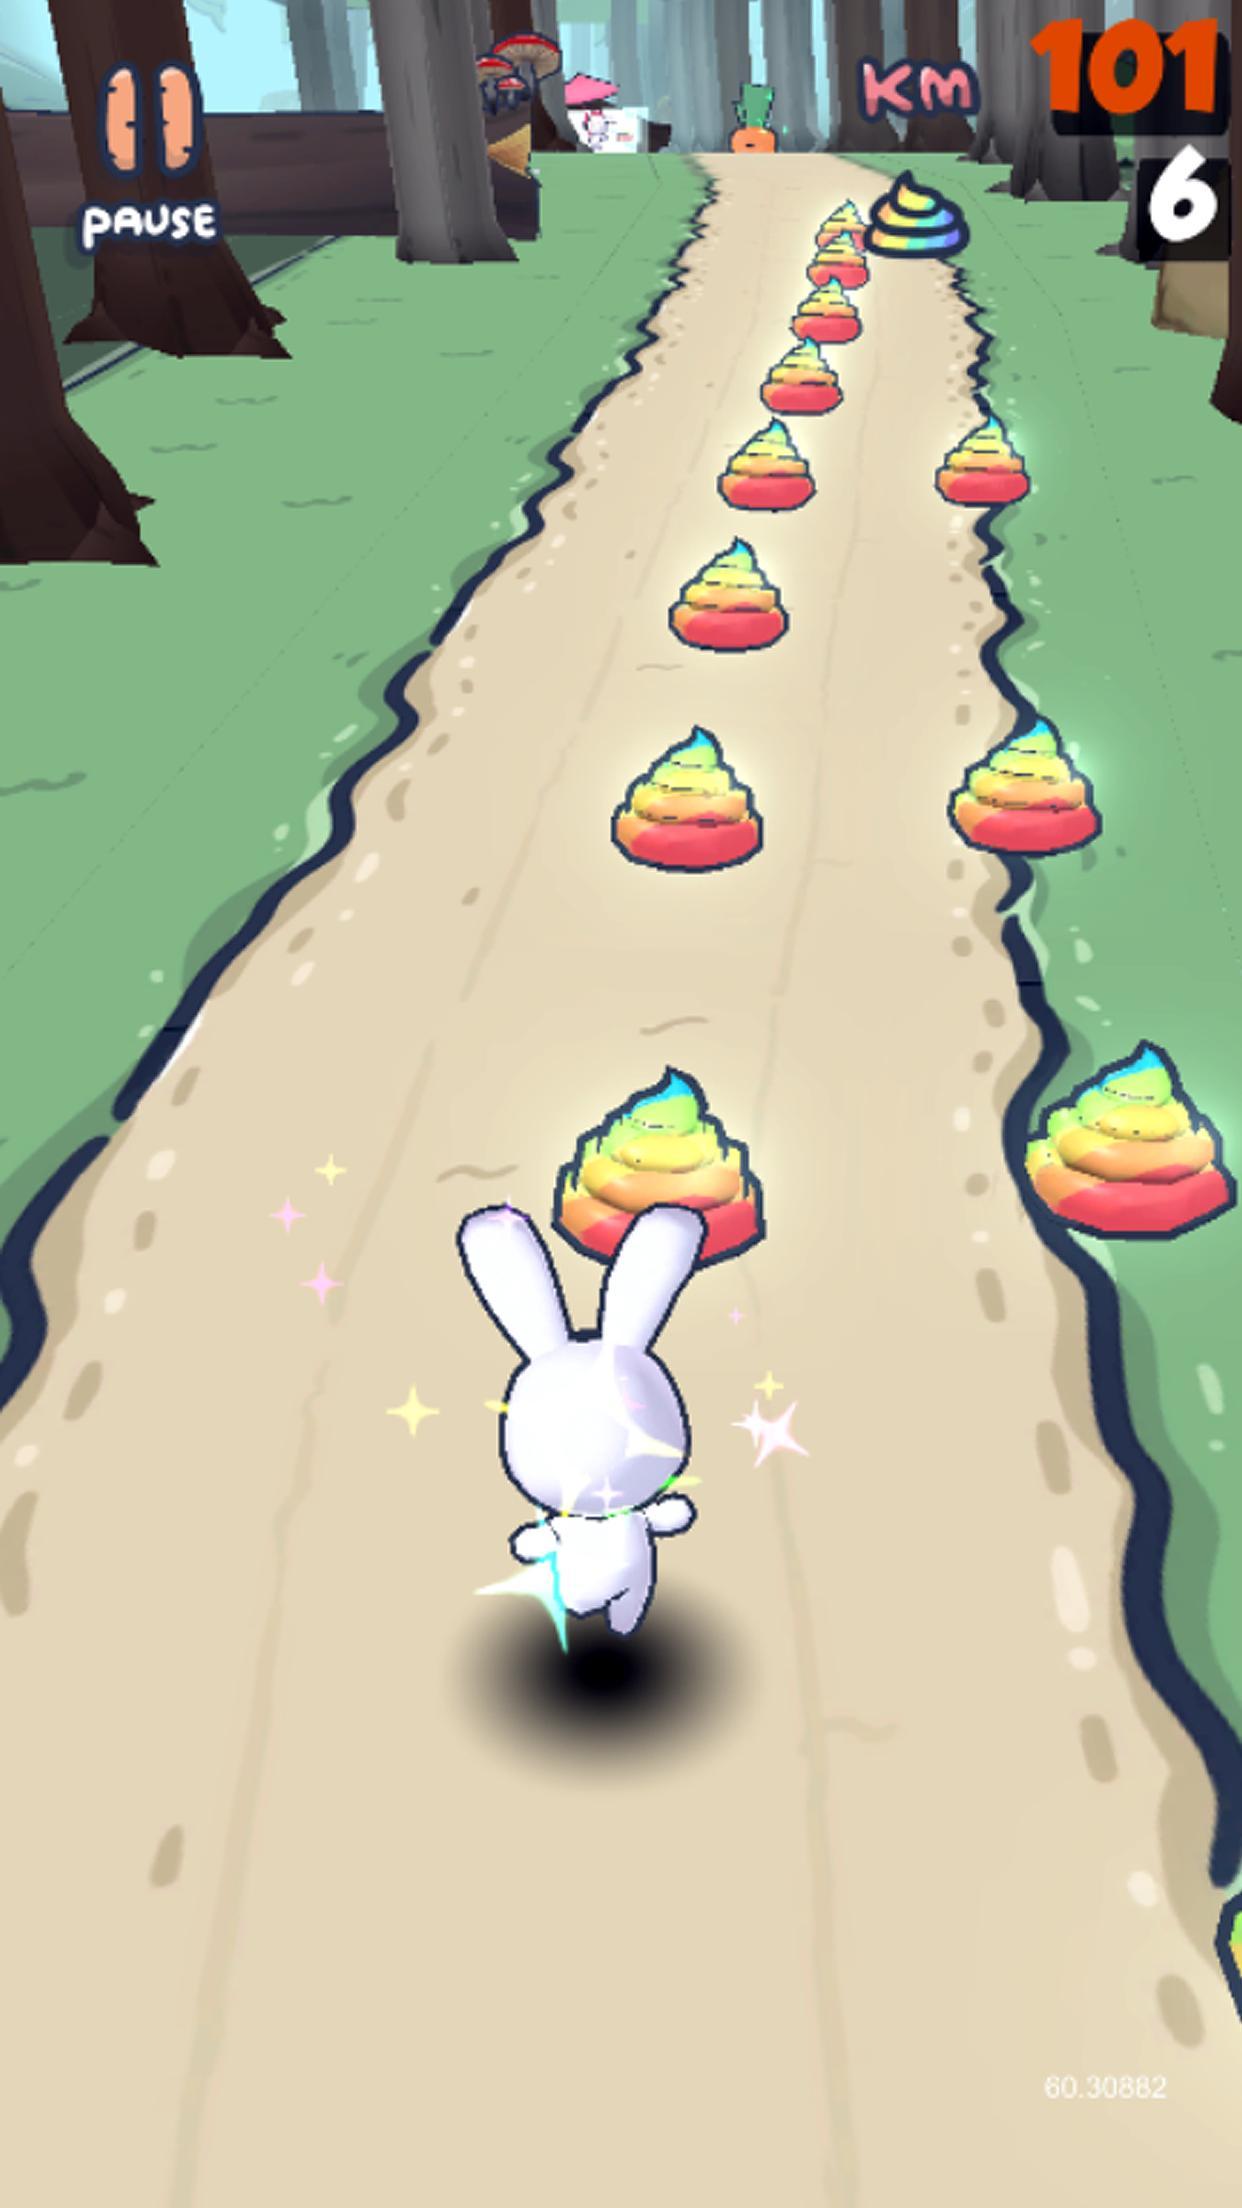 Thỏ Bảy Màu The Running Rabbit Cho Android Tải Về Apk